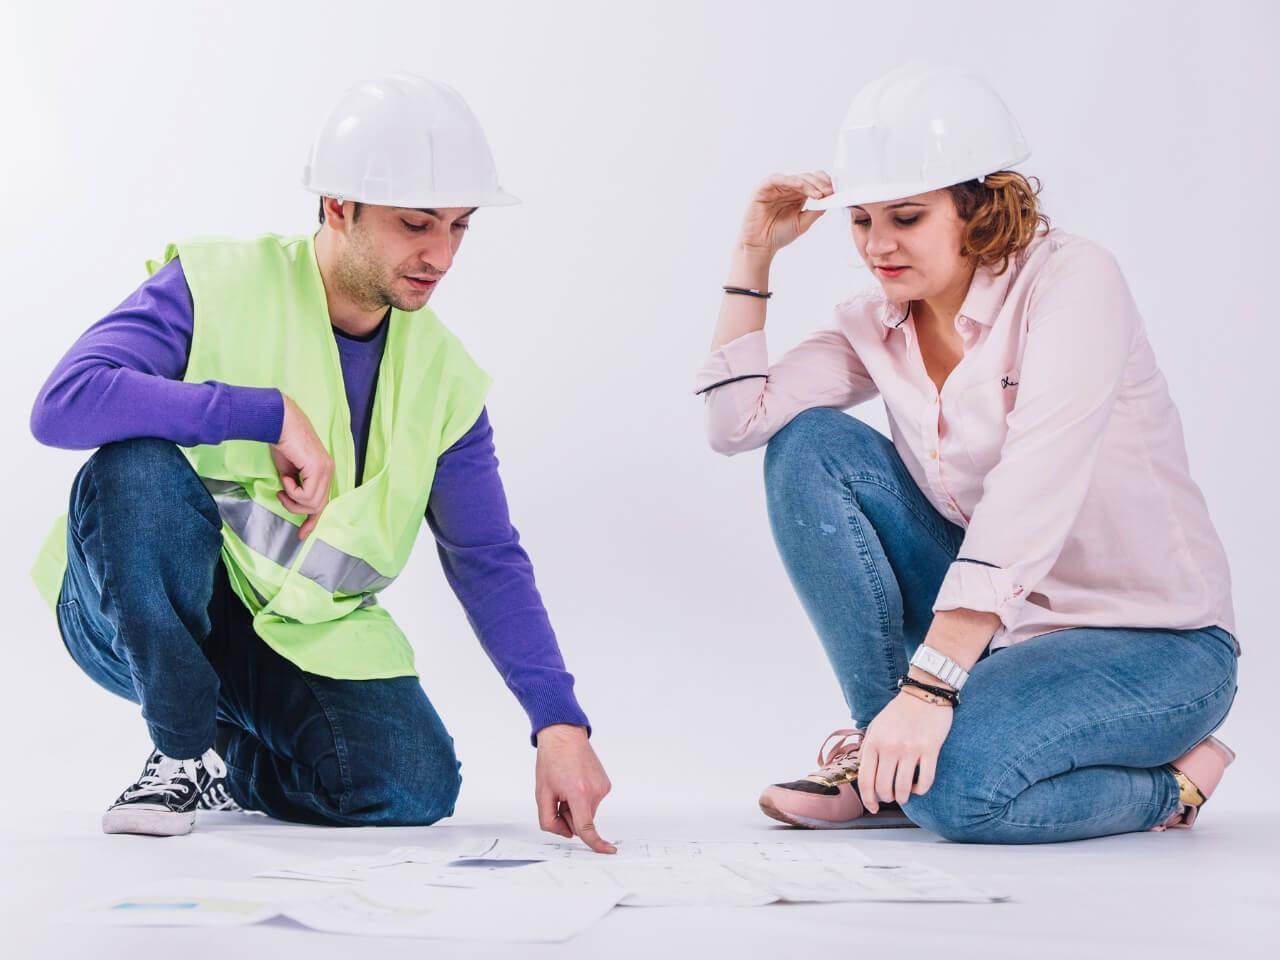 建設計画を話し合うヘルメットをかぶった男女